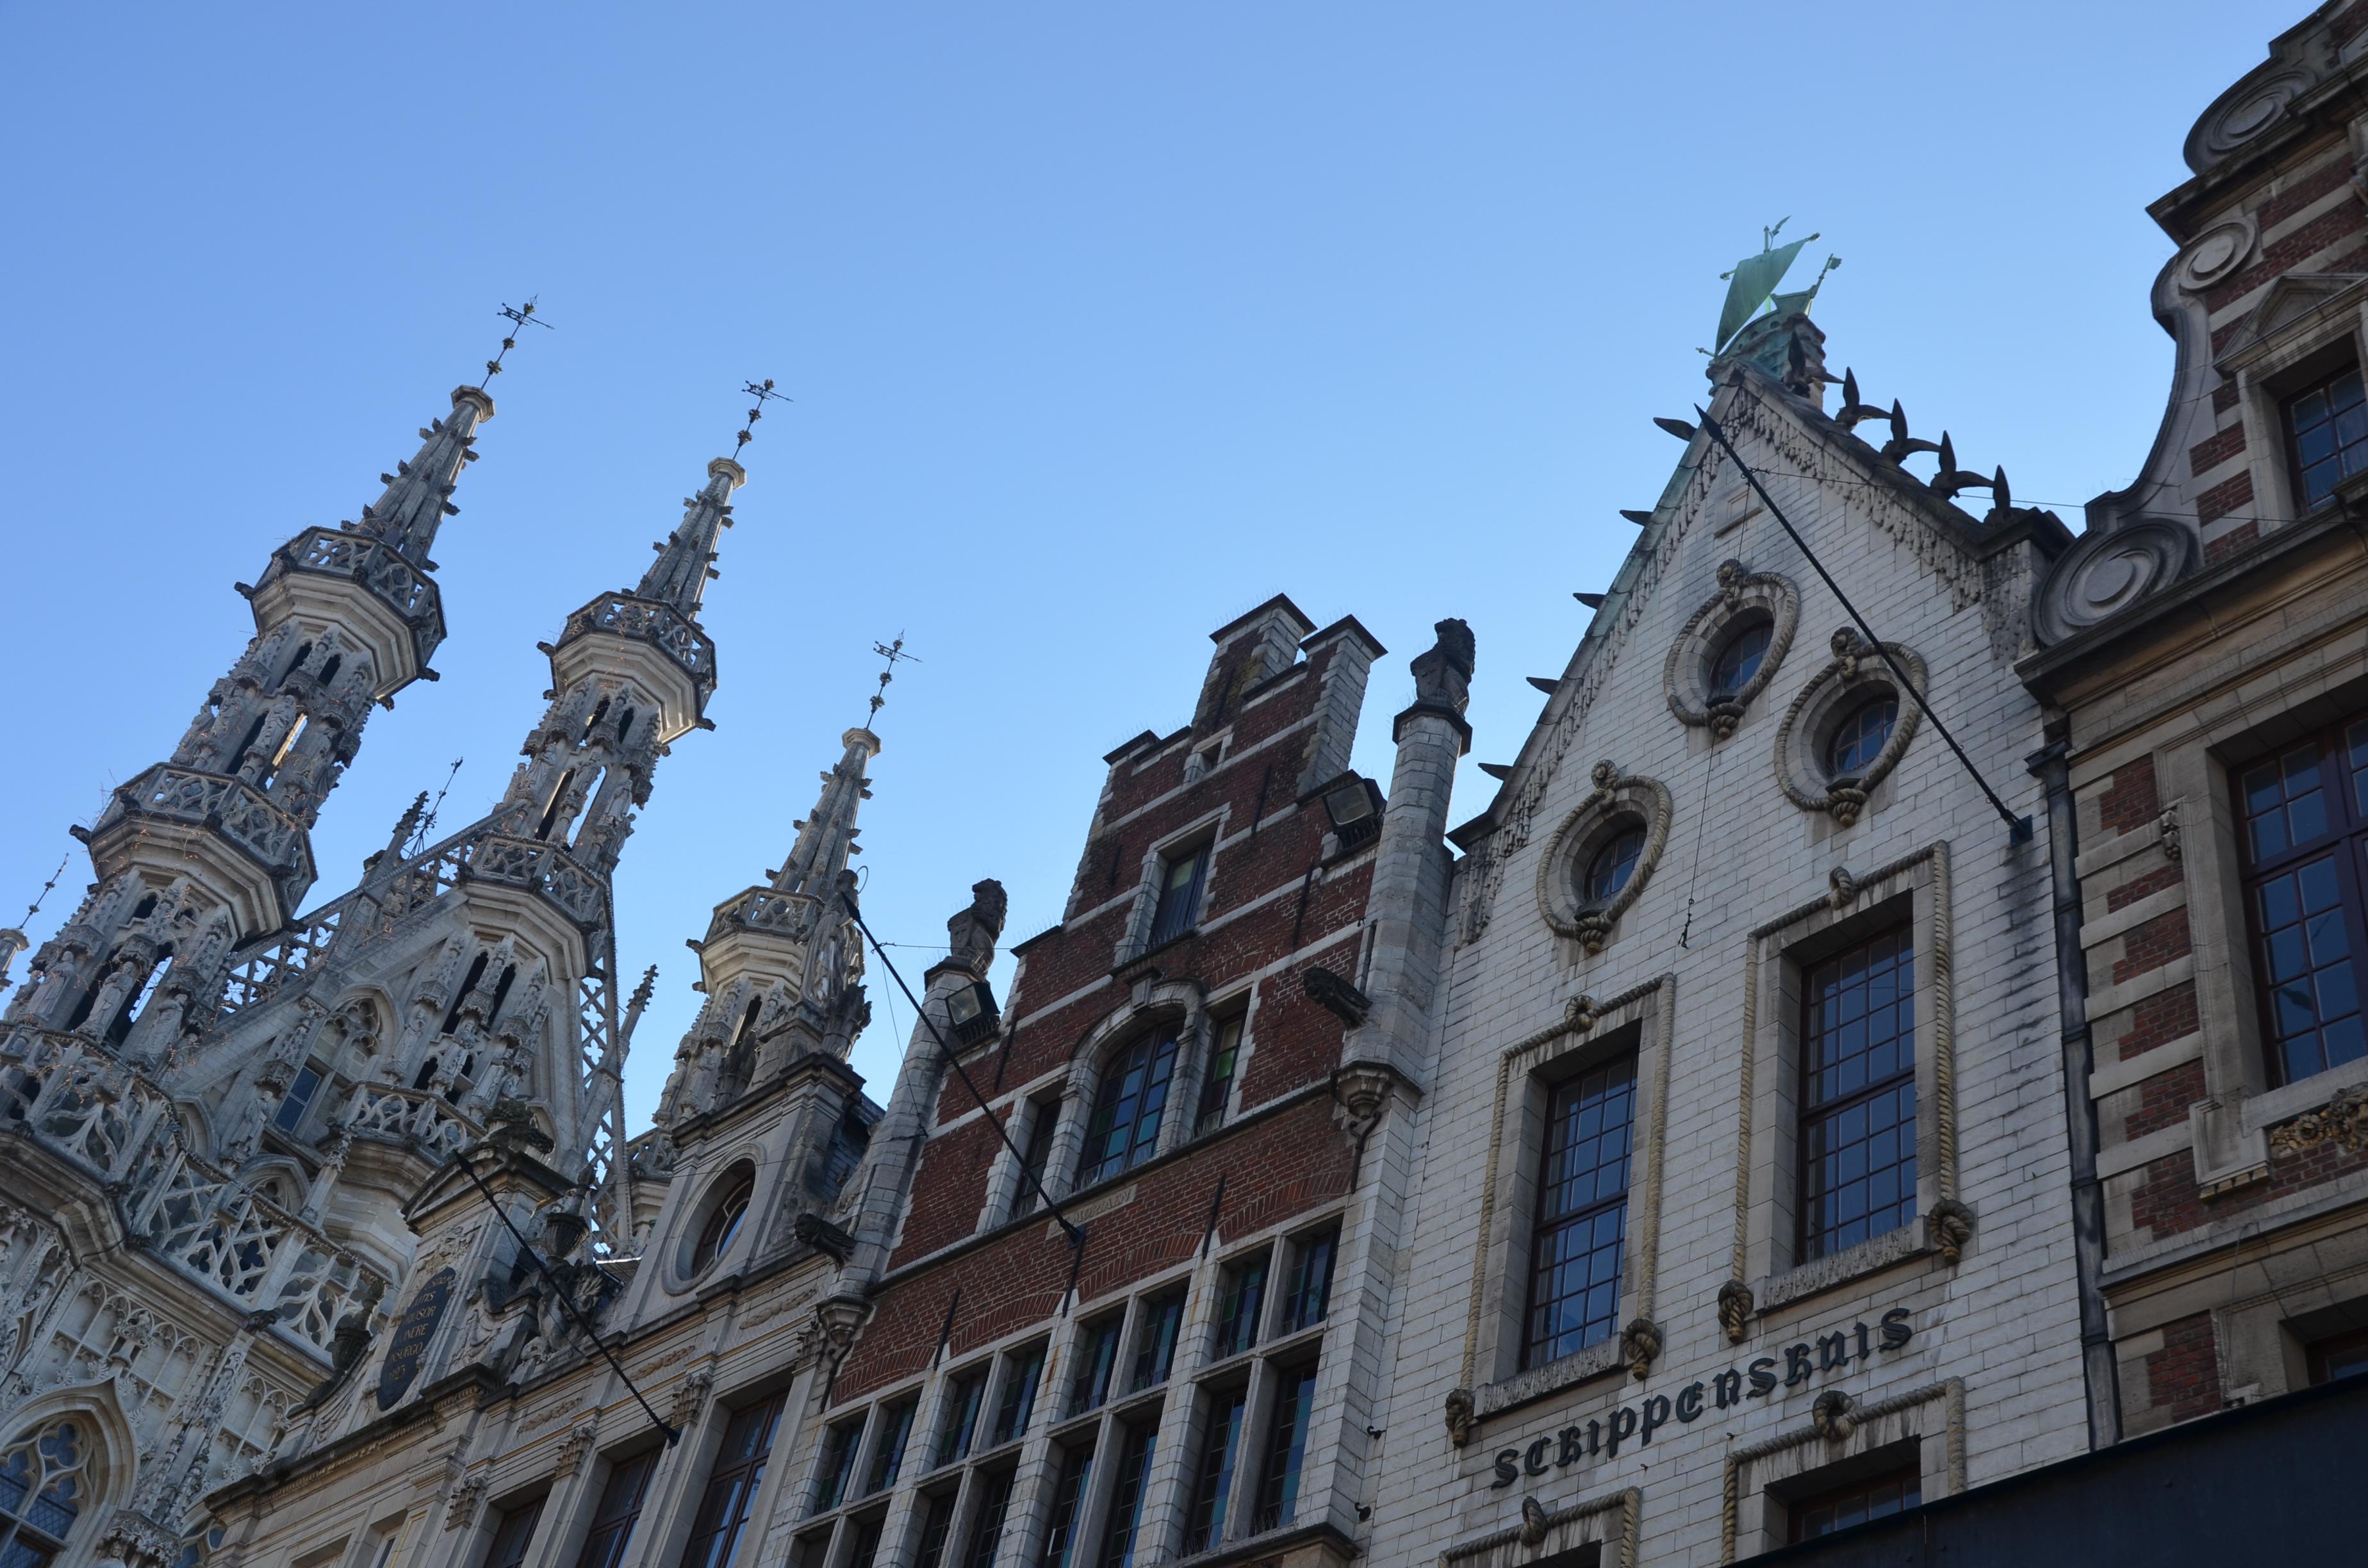 Leuveninsideout - Grote markt met oud stadhuis en oude gevels